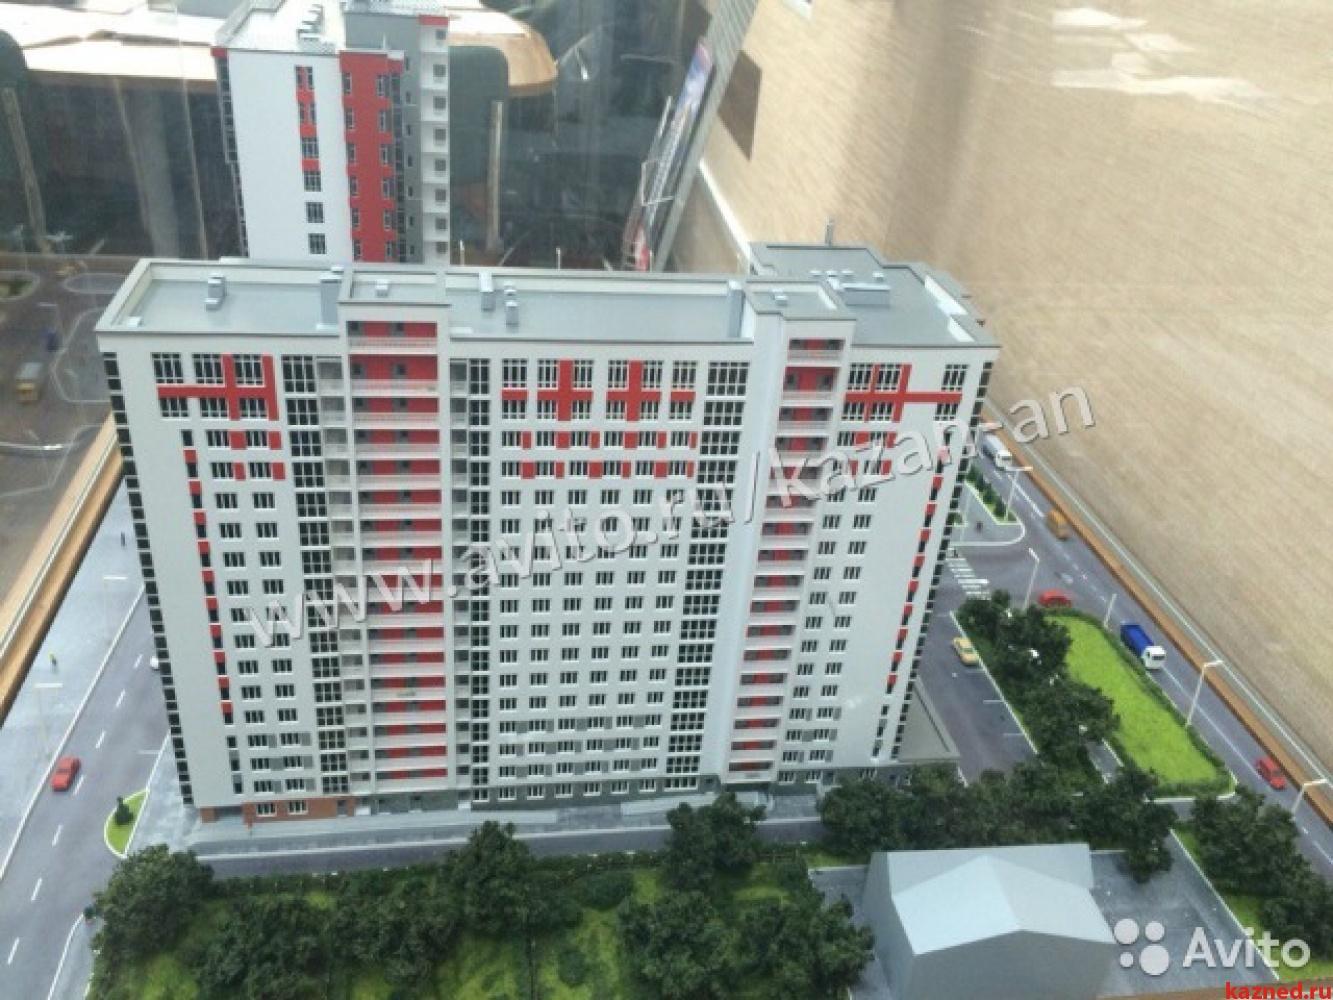 Продажа 1-к квартиры Генерала Баруди, д. 4, 53 м²  (миниатюра №1)